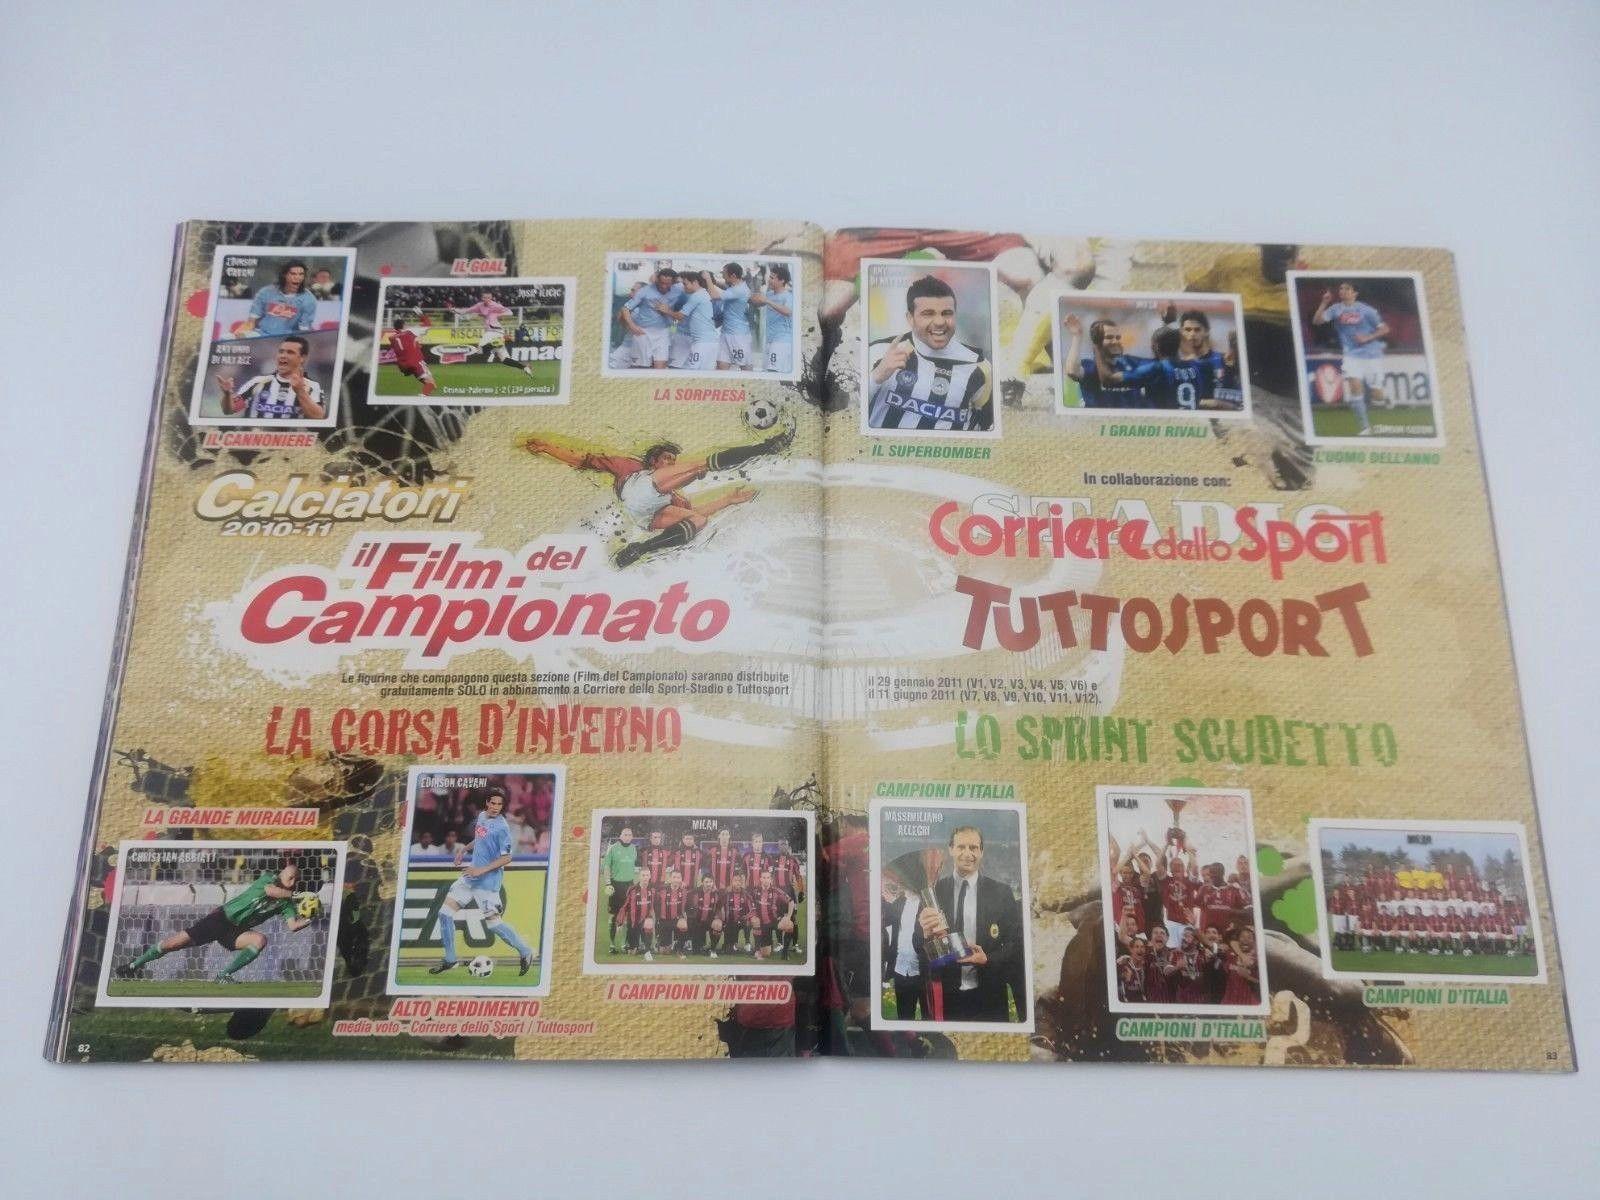 BUSTINA SIGILLATA FIGURINE PANINI FILM DEL CAMPIONATO 2010-11 SPRINT SCUDETTO